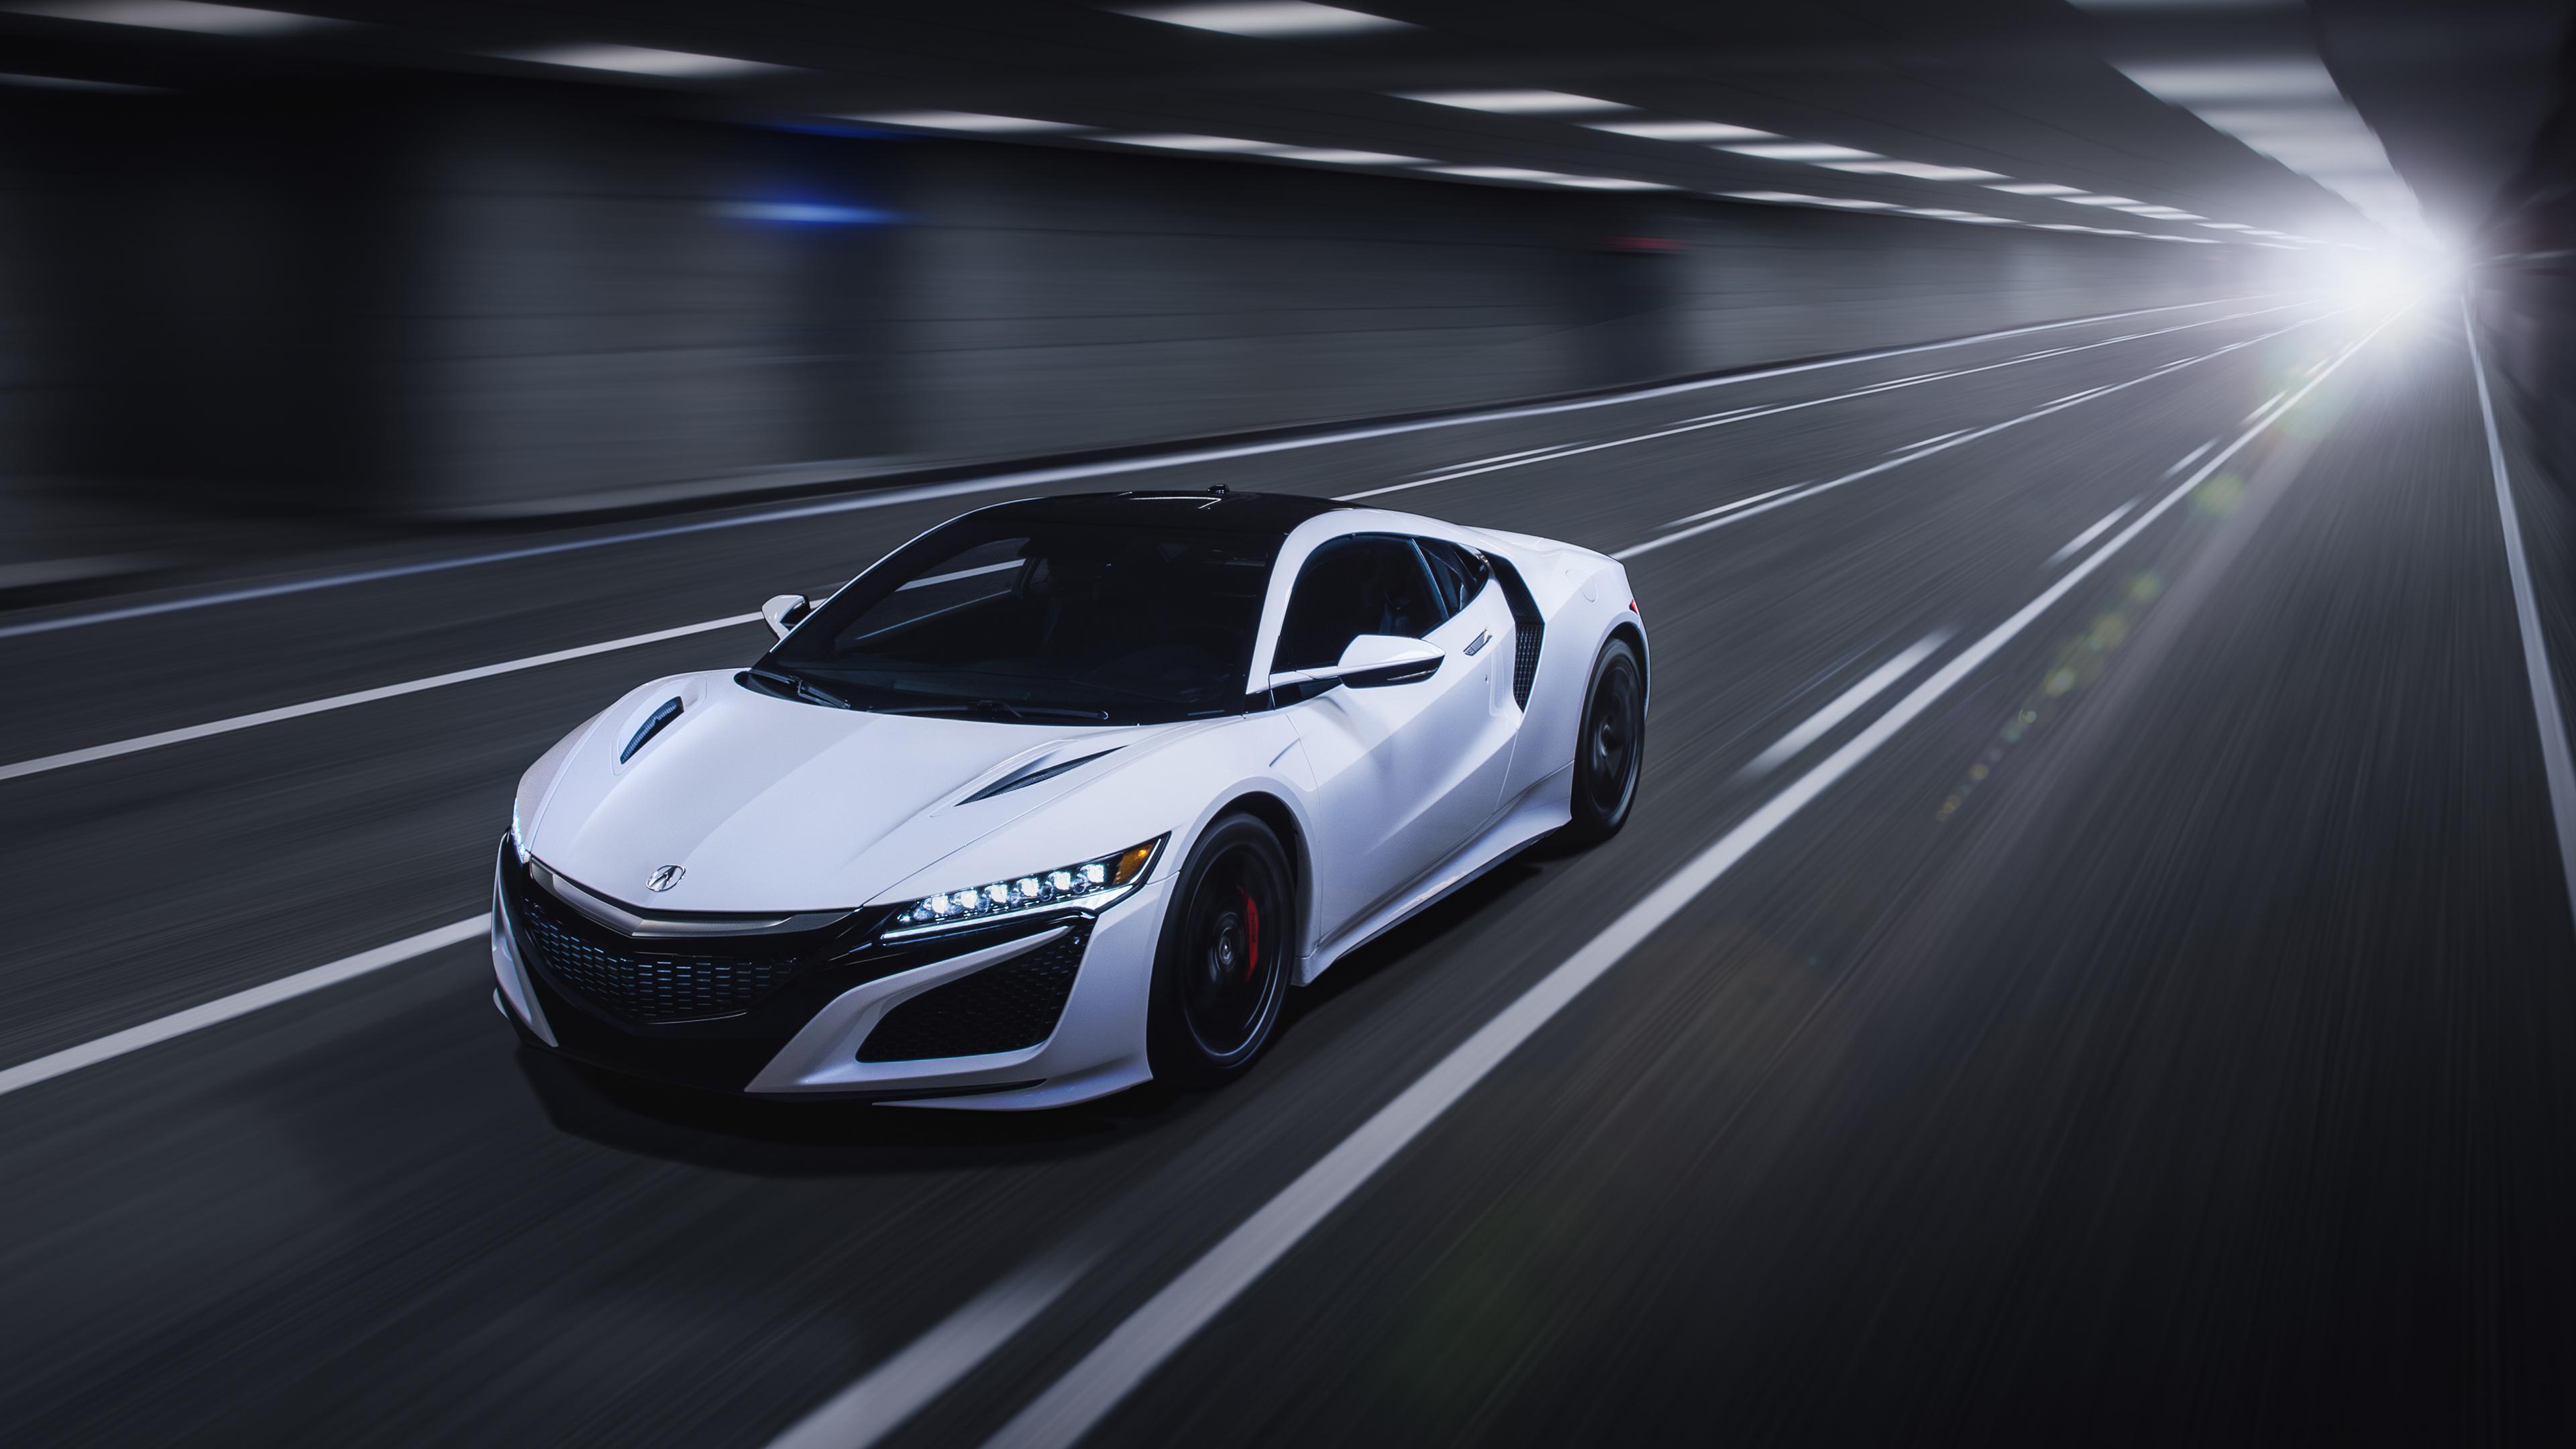 Lamborghini Huracan Evo Interior 2019 4k 5k Wallpapers Hd Wallpapers